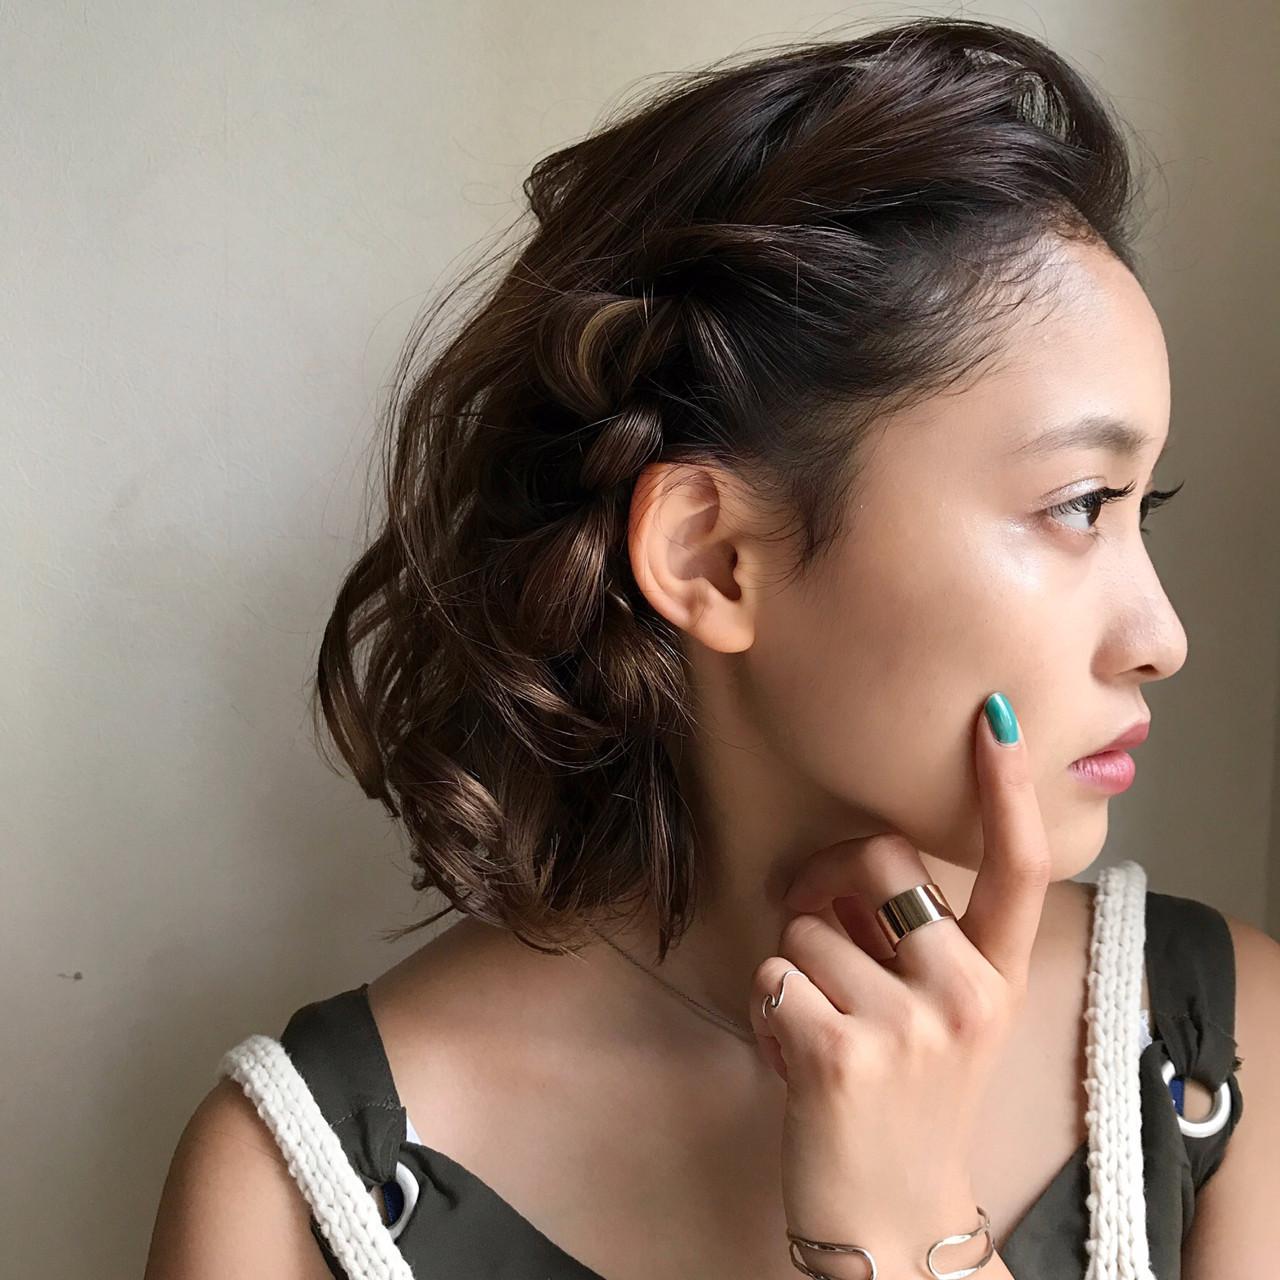 お出かけに最適☆30代女性の黒髪パーマボブアレンジ 吉田将大